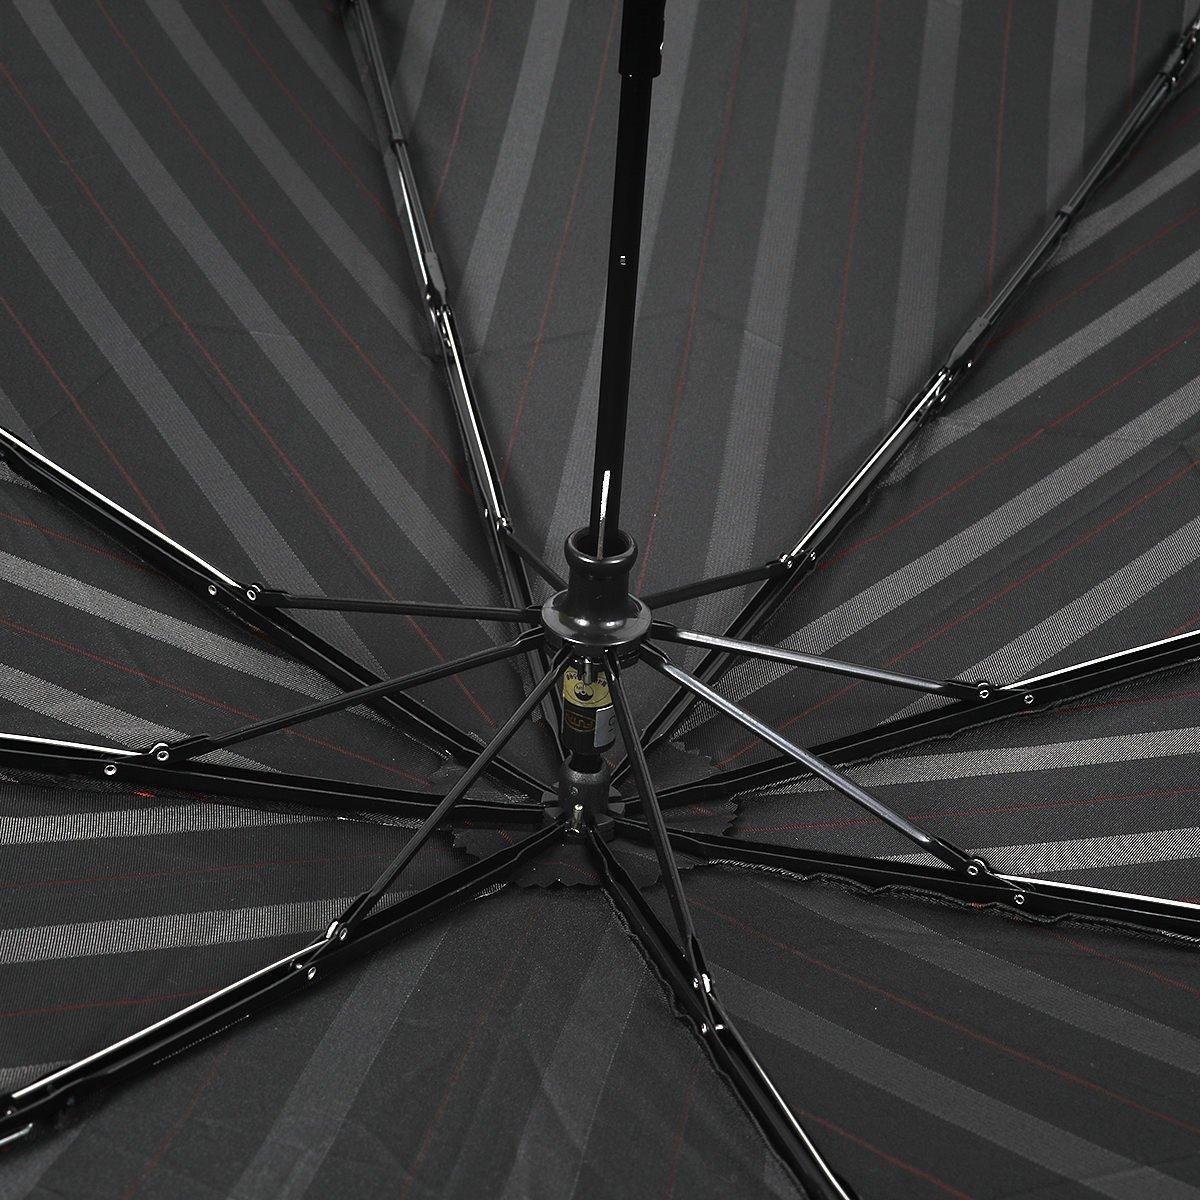 【セール】オルタネート ストライプ 耐風骨 折りたたみ傘 詳細画像7